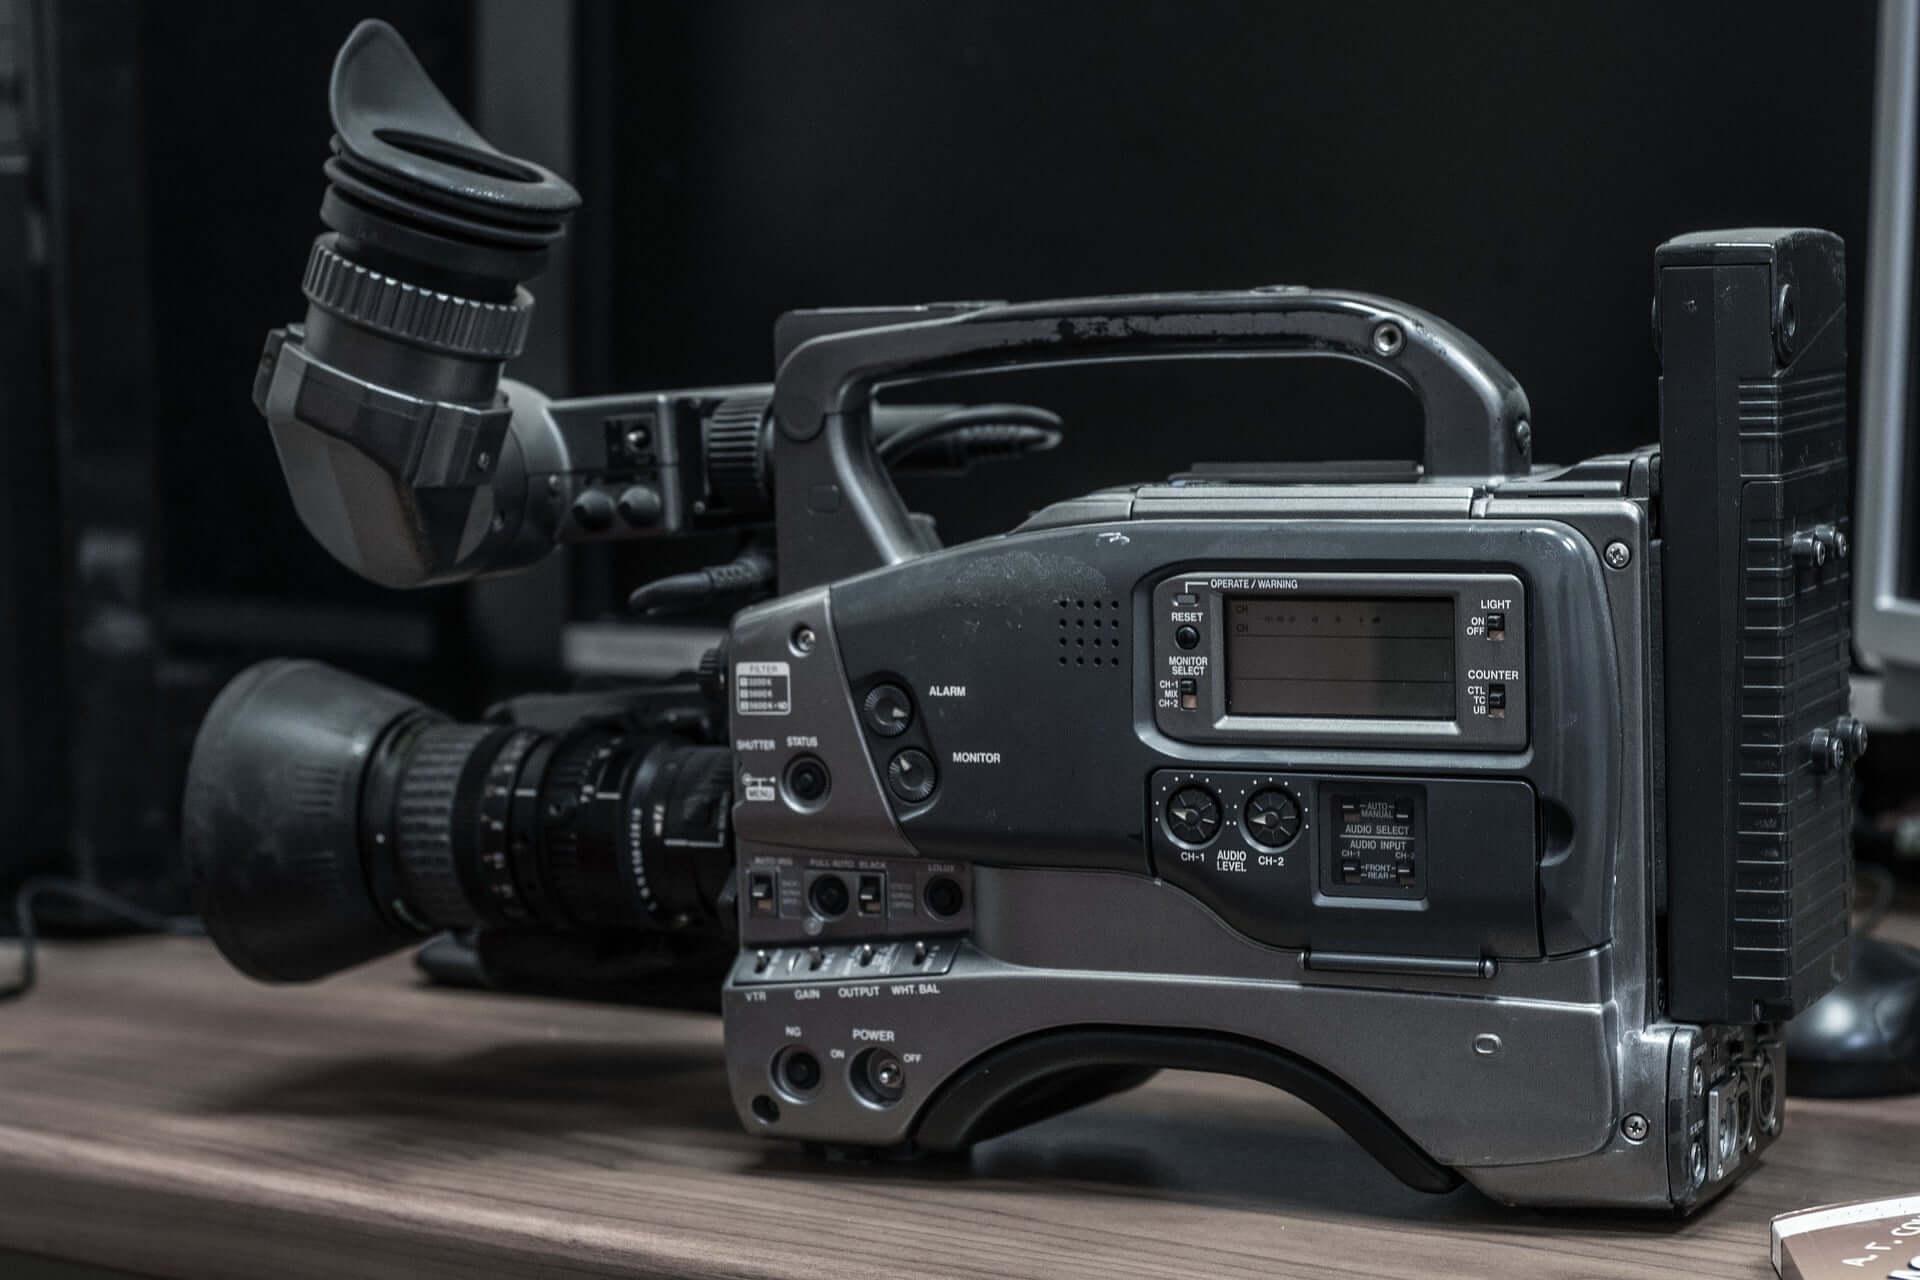 A black, vintage, VHS-based video recorder on a desk surface